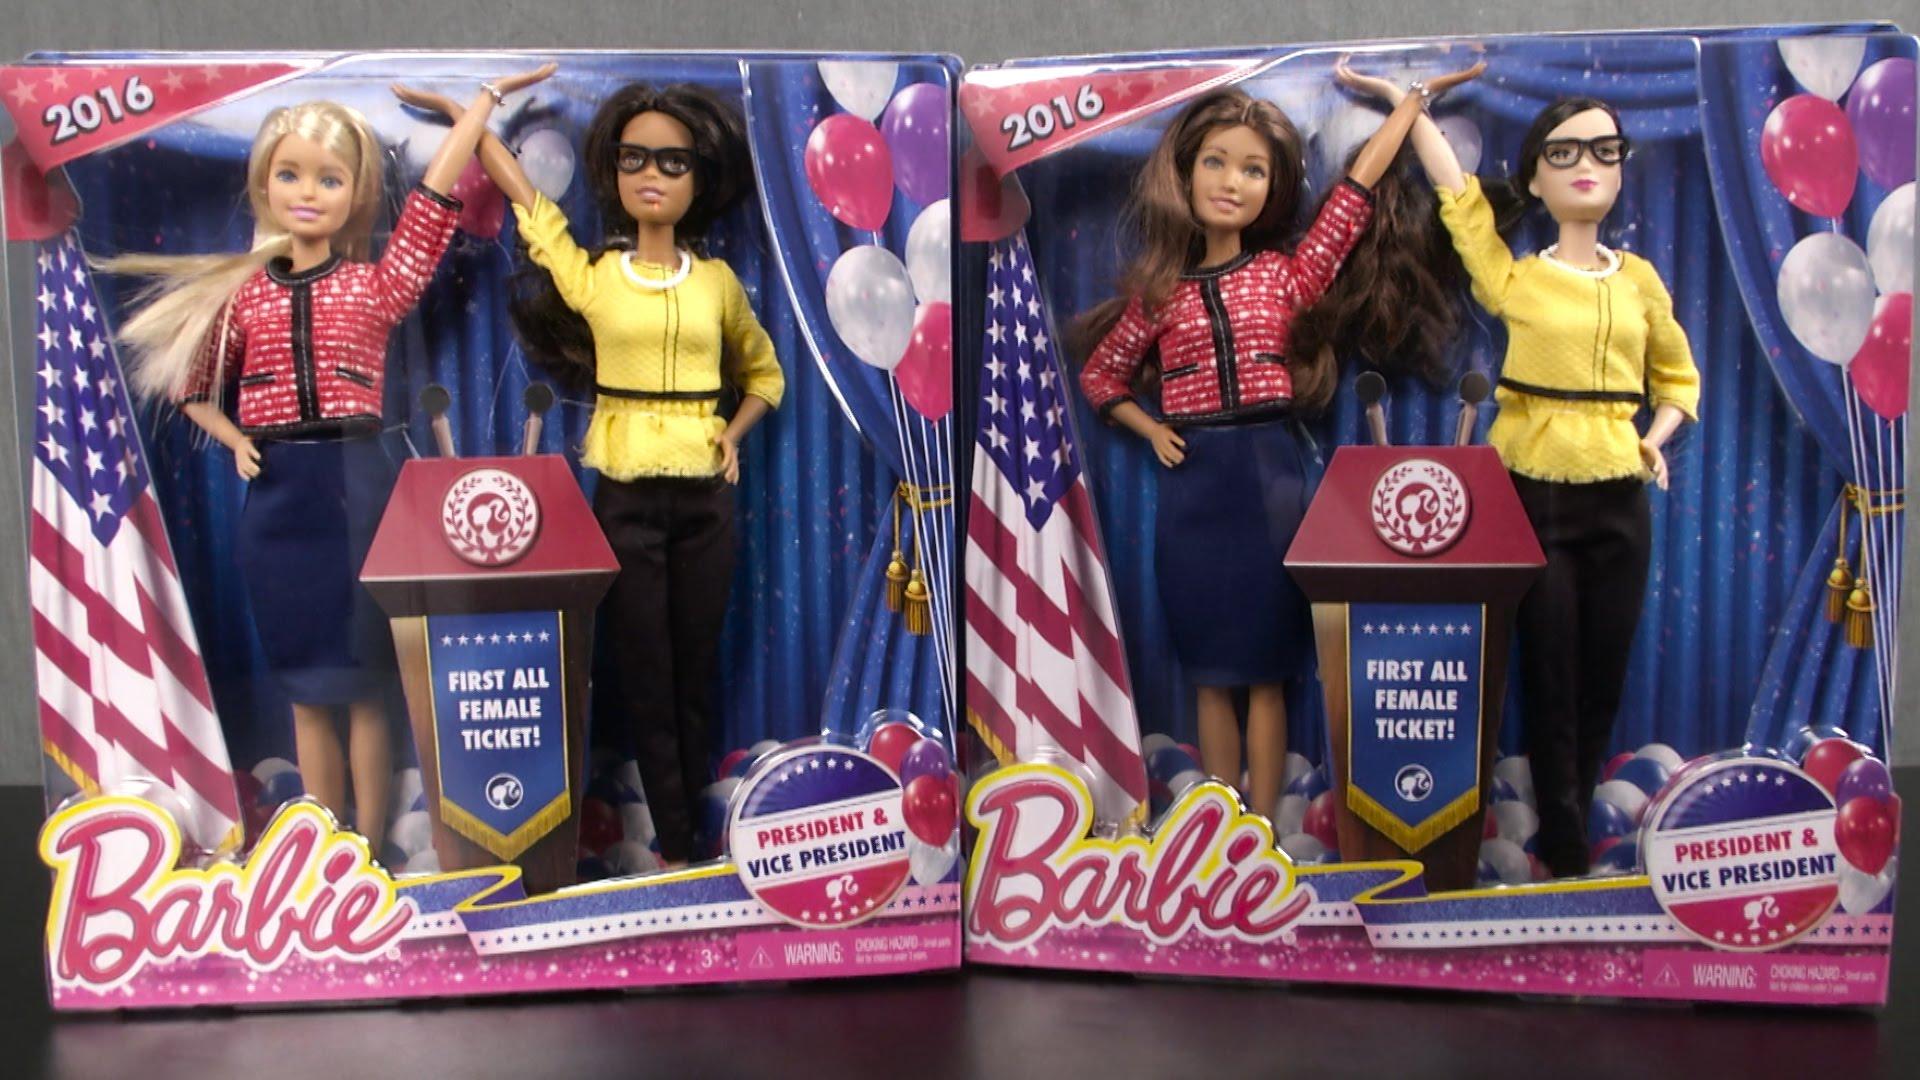 今年 Mattel 推出正副總統 Barbie,不只是換裝娃娃,其附帶的工作紙,可讓家長與孩子進行討論。圖片來源:TTPM Toy Reviews